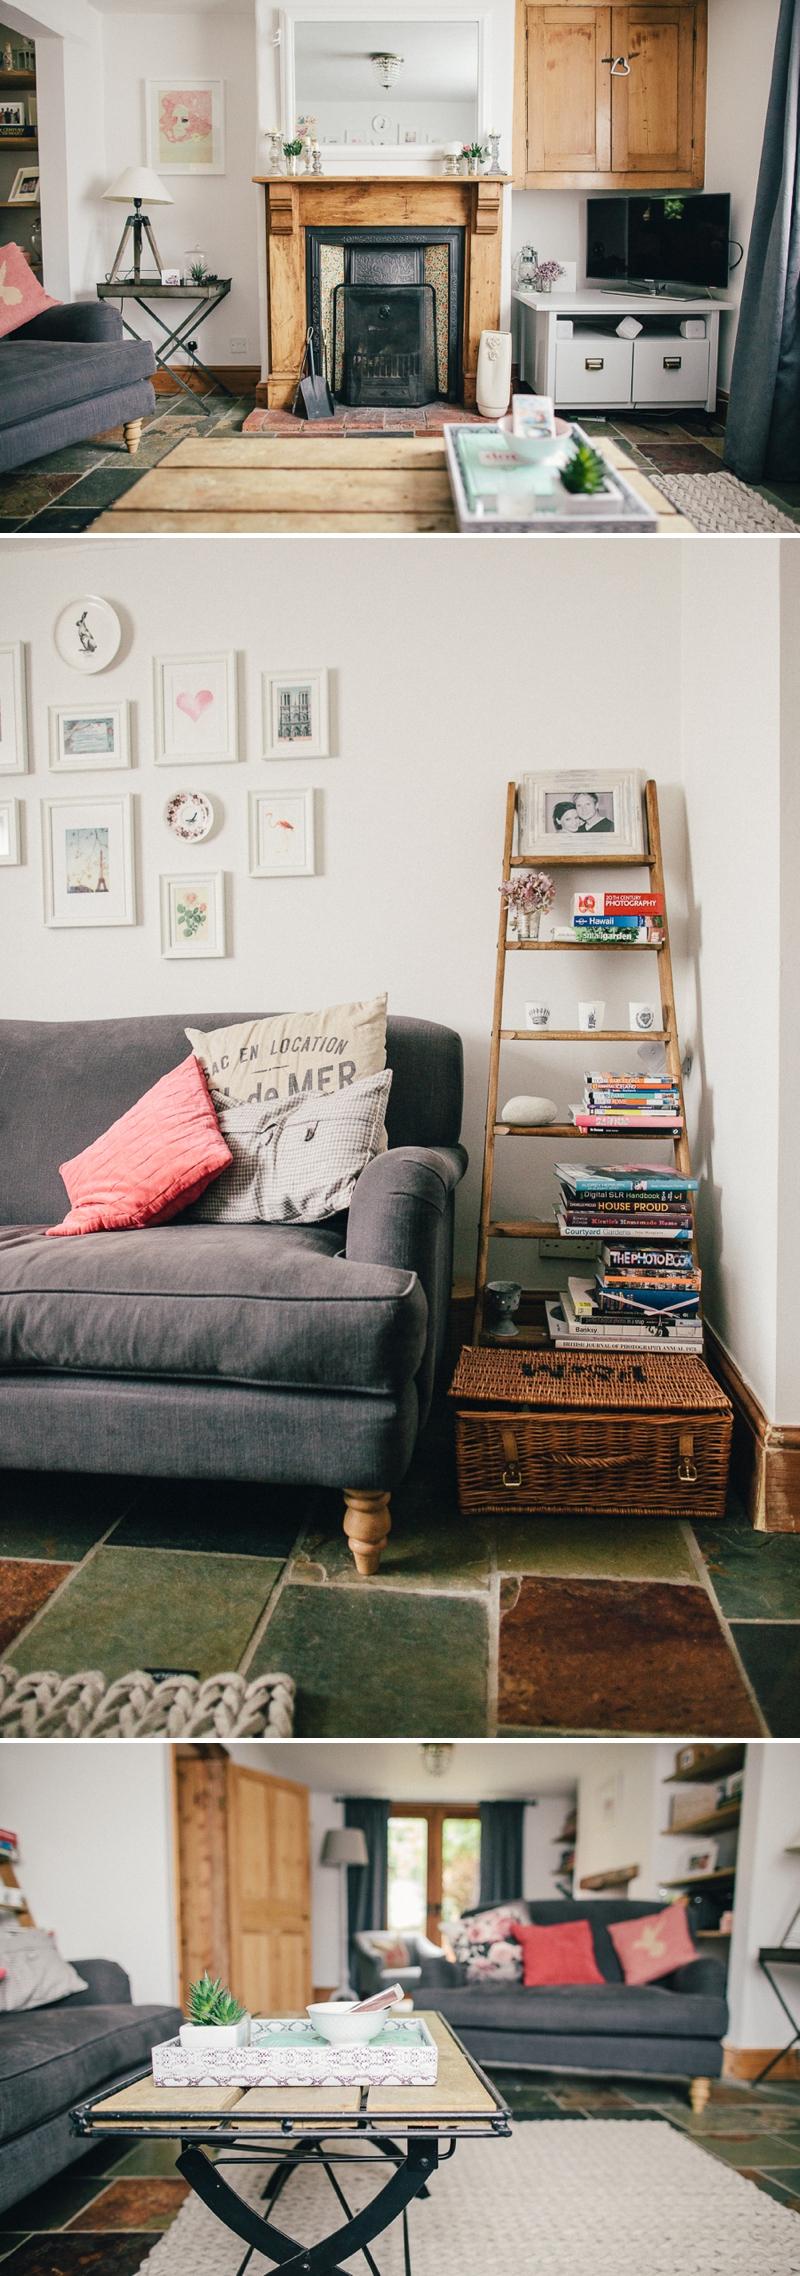 Fairly light contemporary home interiors blog_0113